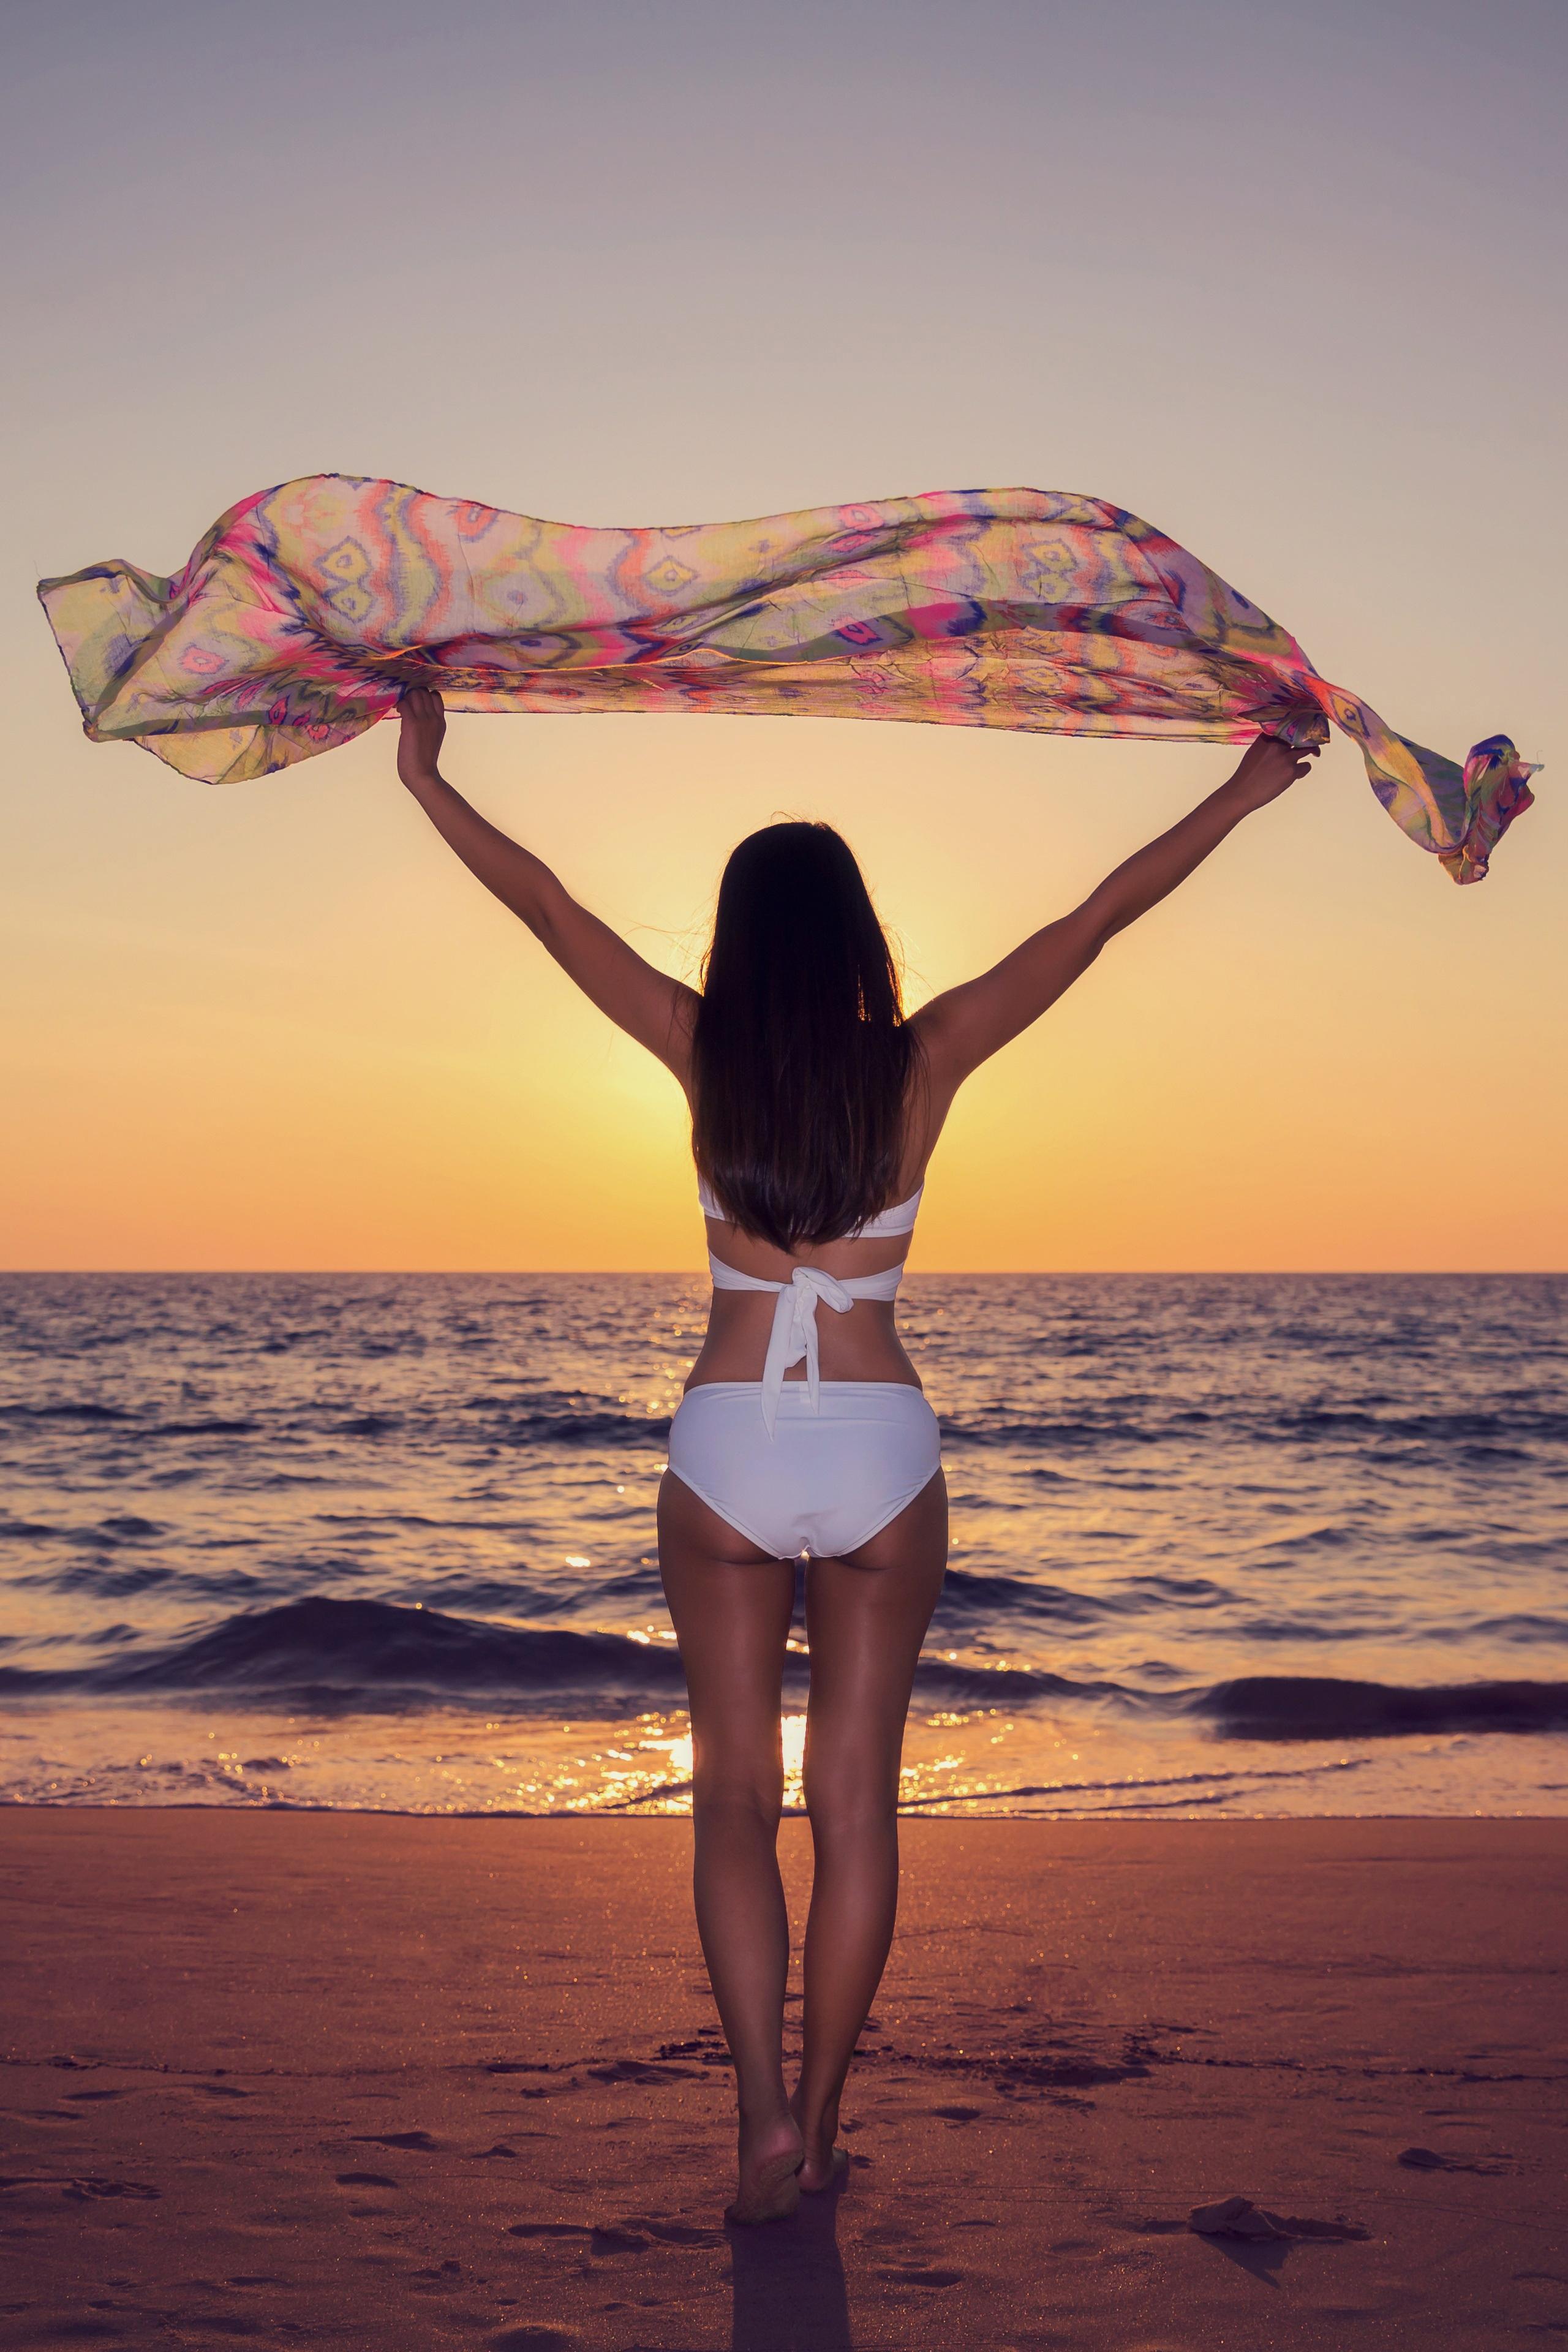 Sonne, Sommer, Strand! Viele Frauen möchten der Bikini-Figur für die warme Jahreszeit noch ein bisschen nachhelfen - Top-Tipps für einen straffen Körper